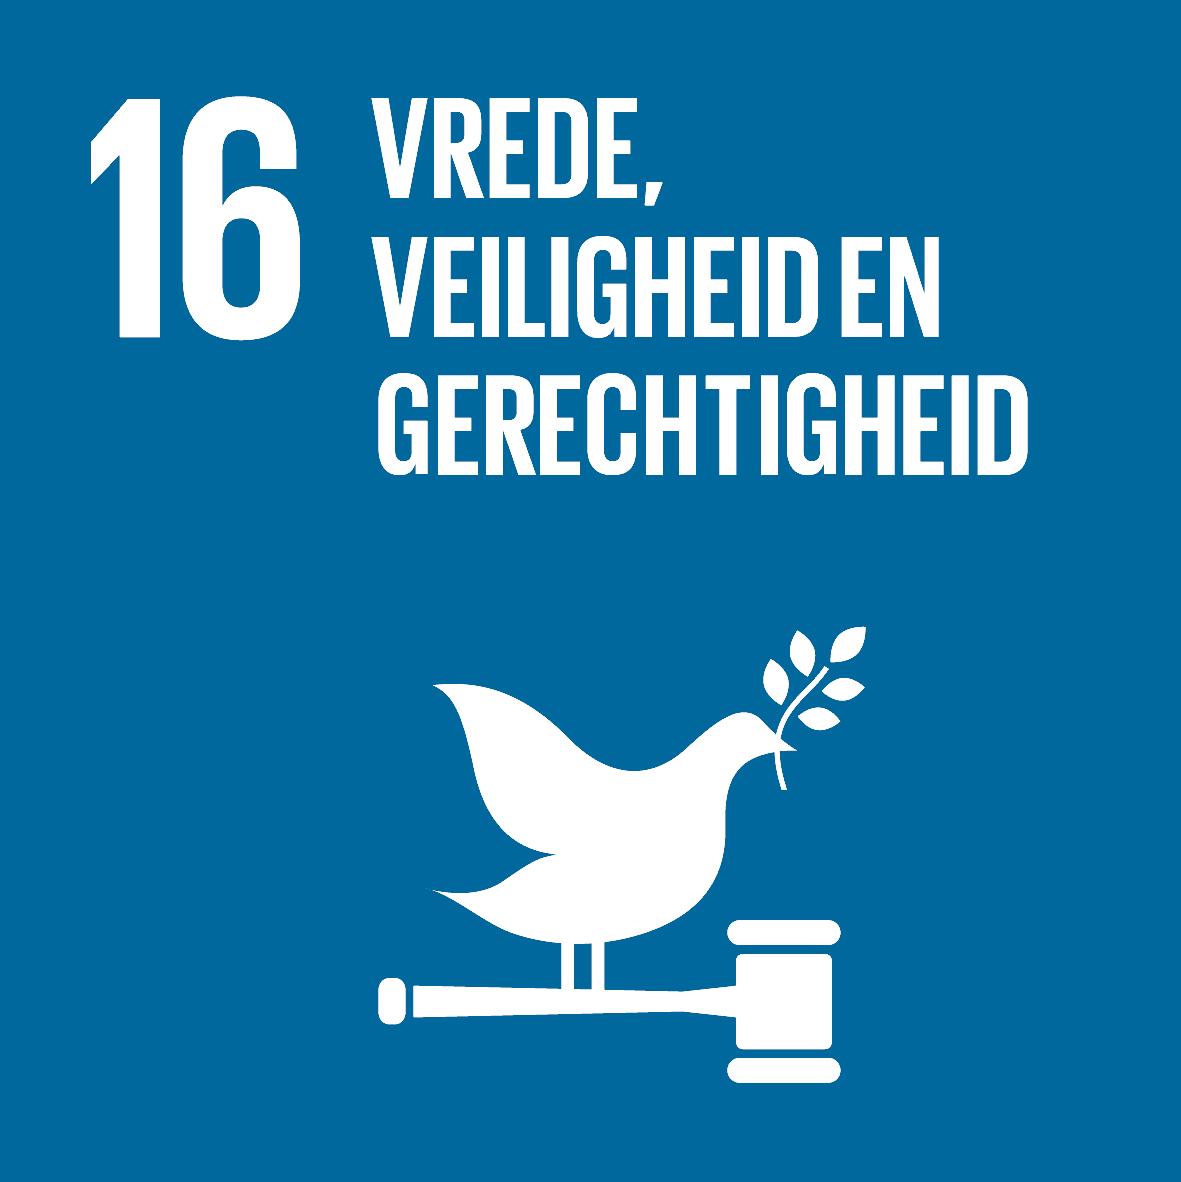 16. Vrede, veiligheid en gerechtigheid